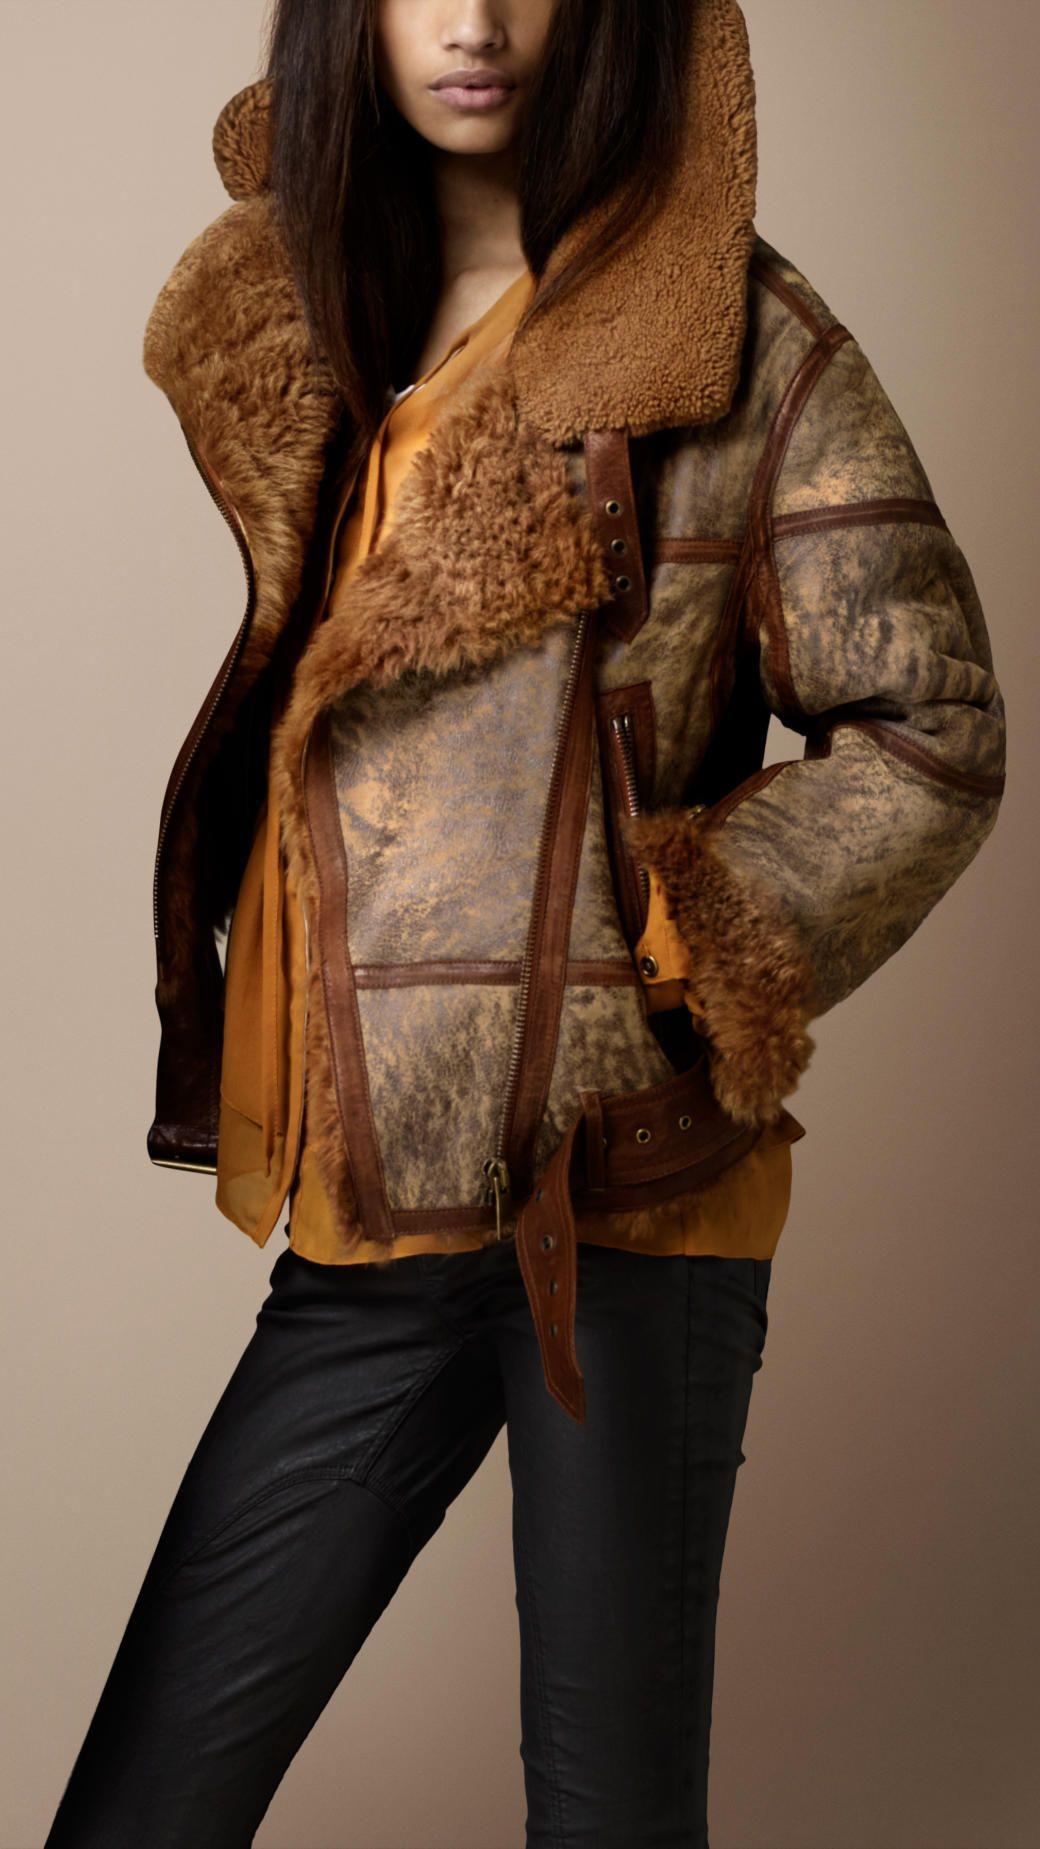 Shearling Aviator Jacket Burberry Aviator jackets